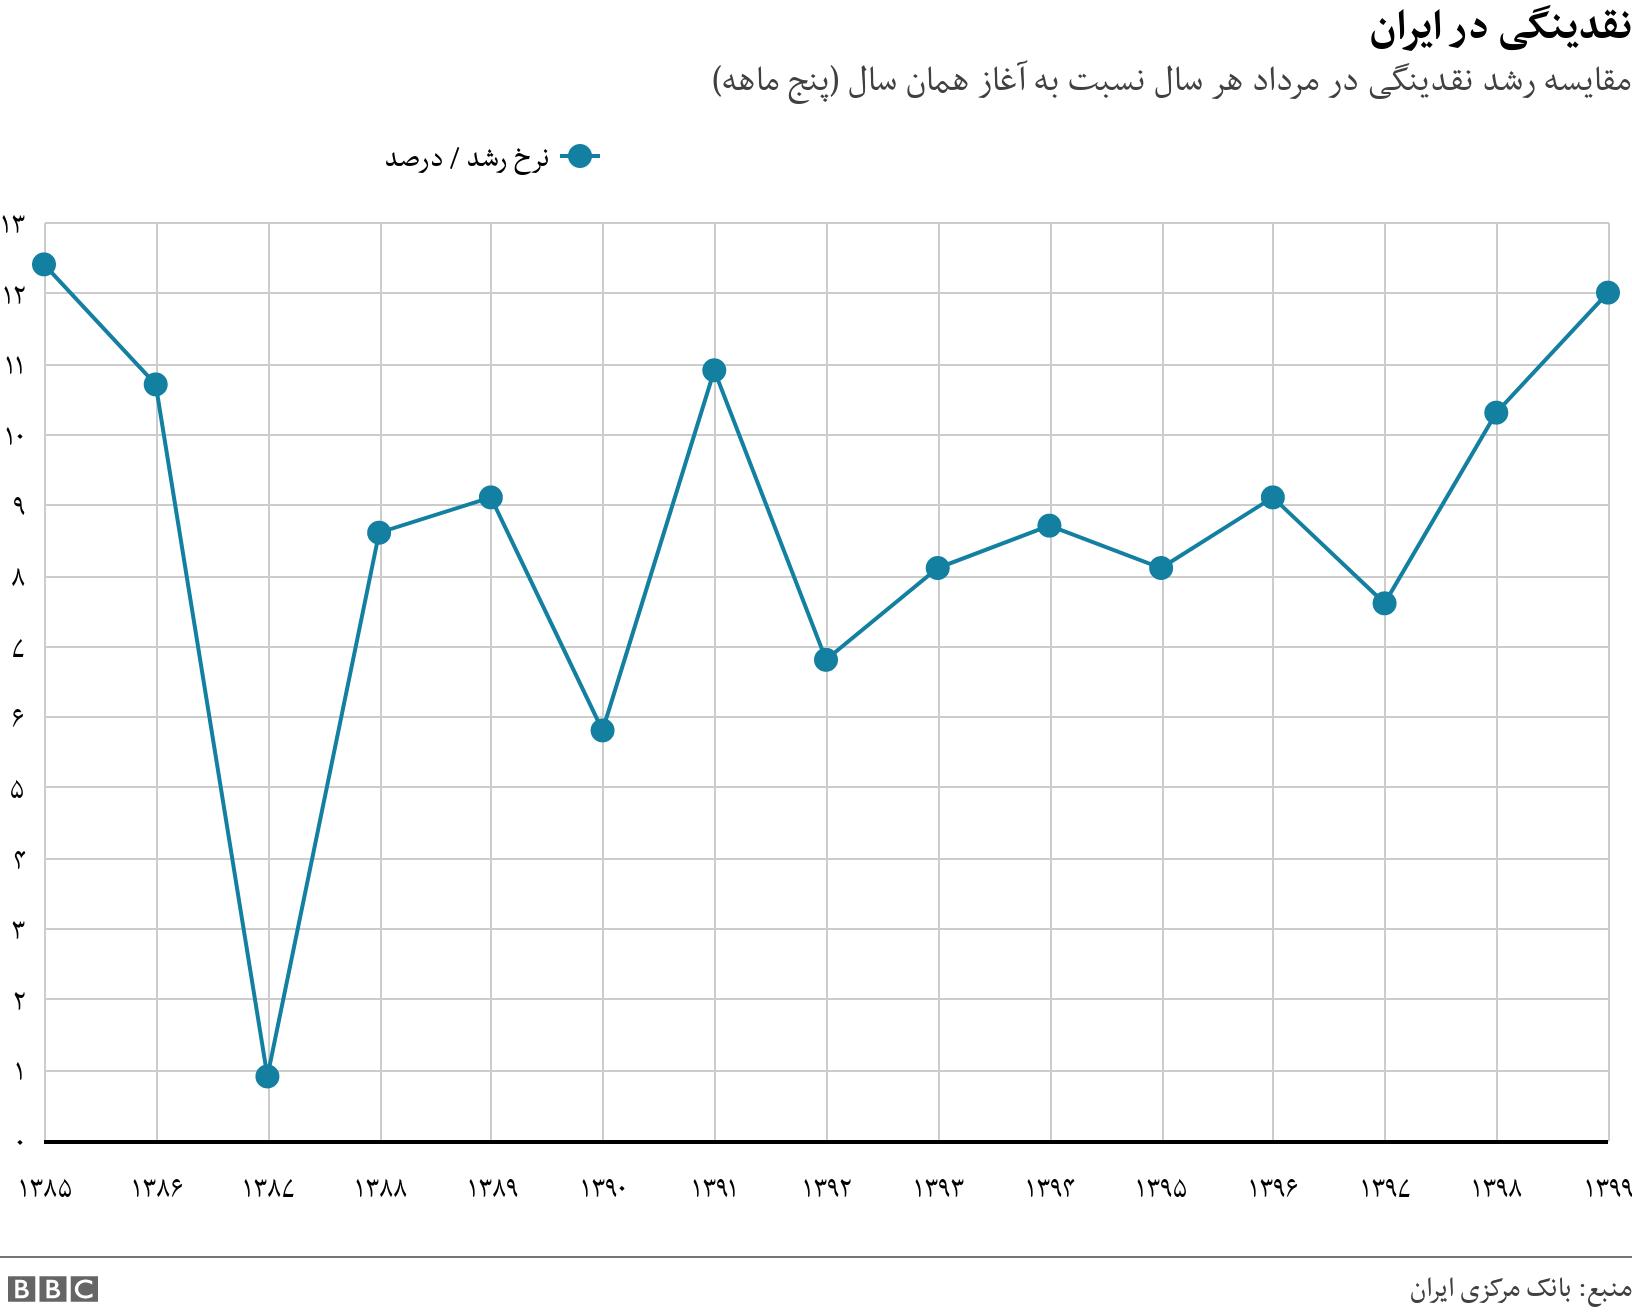 نقدینگی در ایران. مقایسه رشد نقدینگی در مرداد هر سال نسبت به آغاز همان سال (پنج ماهه).  .